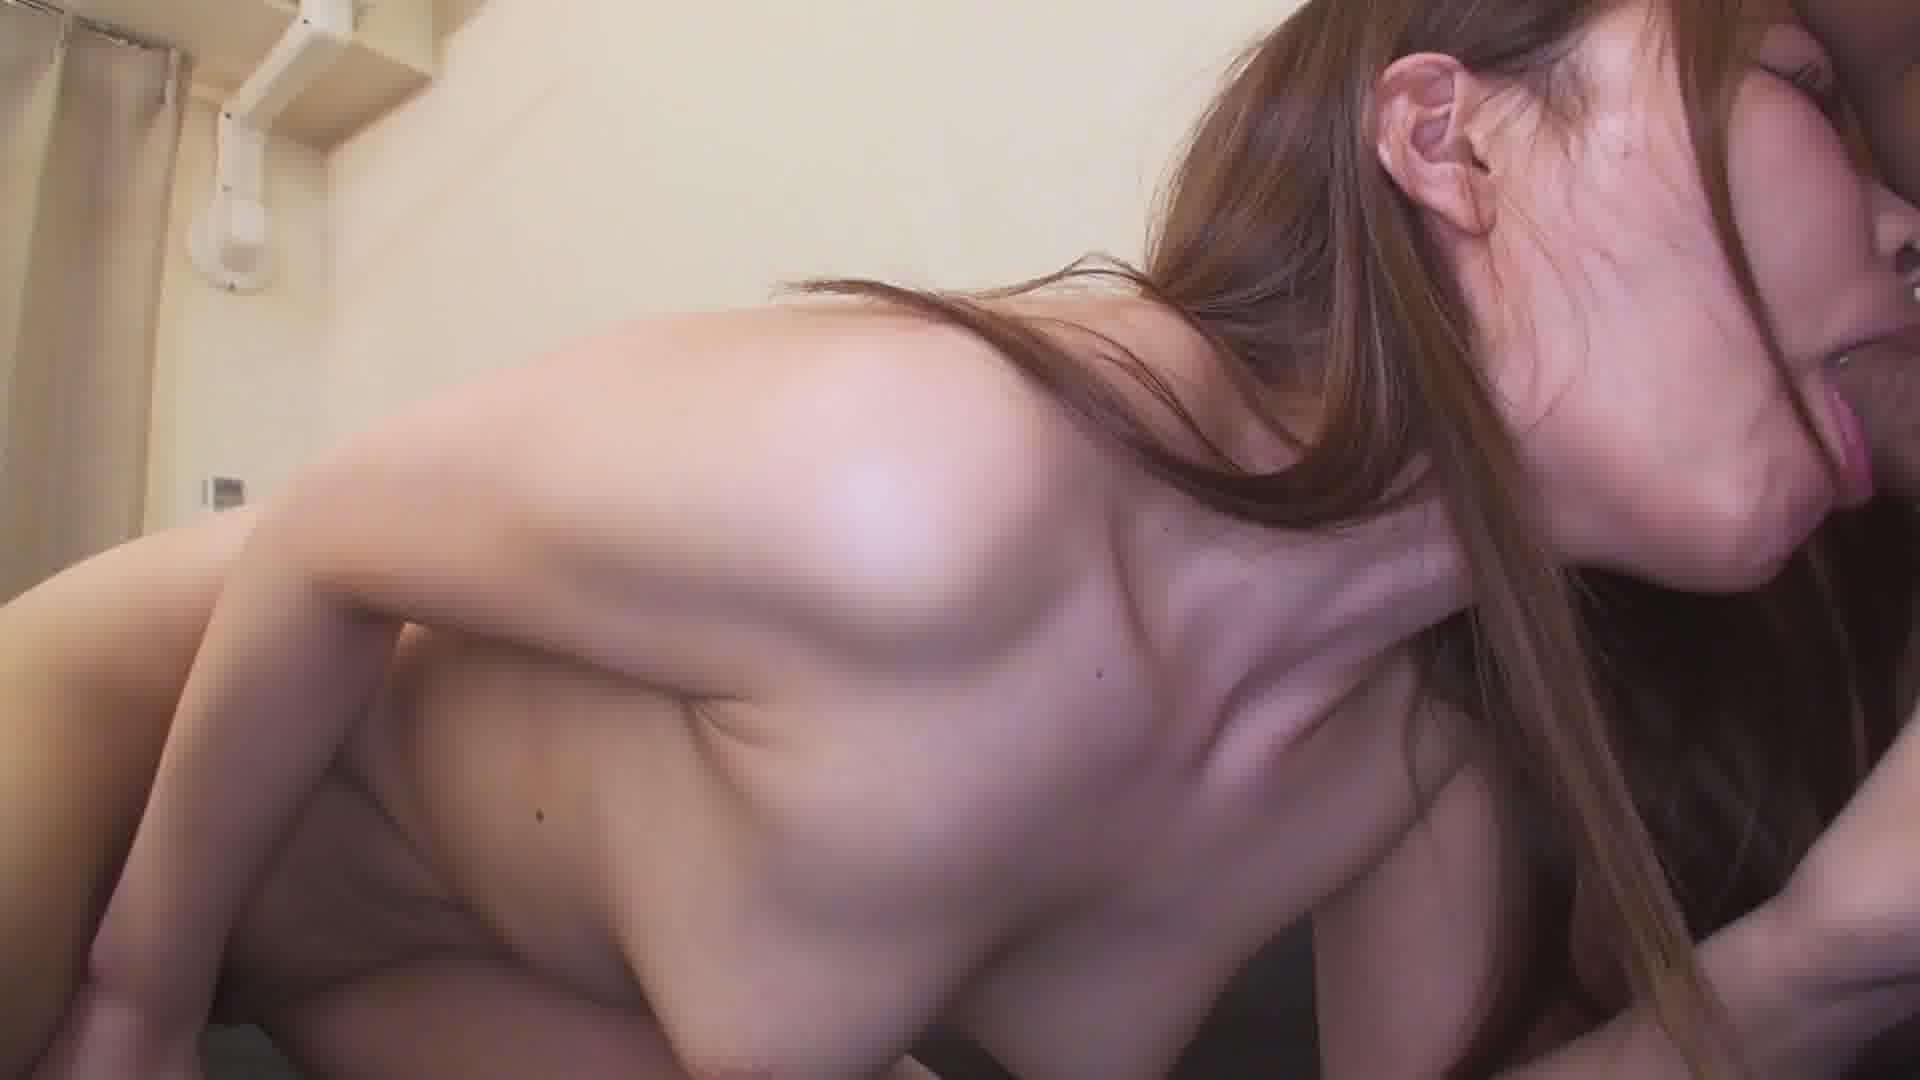 ごっくんしたい年頃の女 - 朝比奈菜々子【ハメ撮り・美乳・ごっくん】